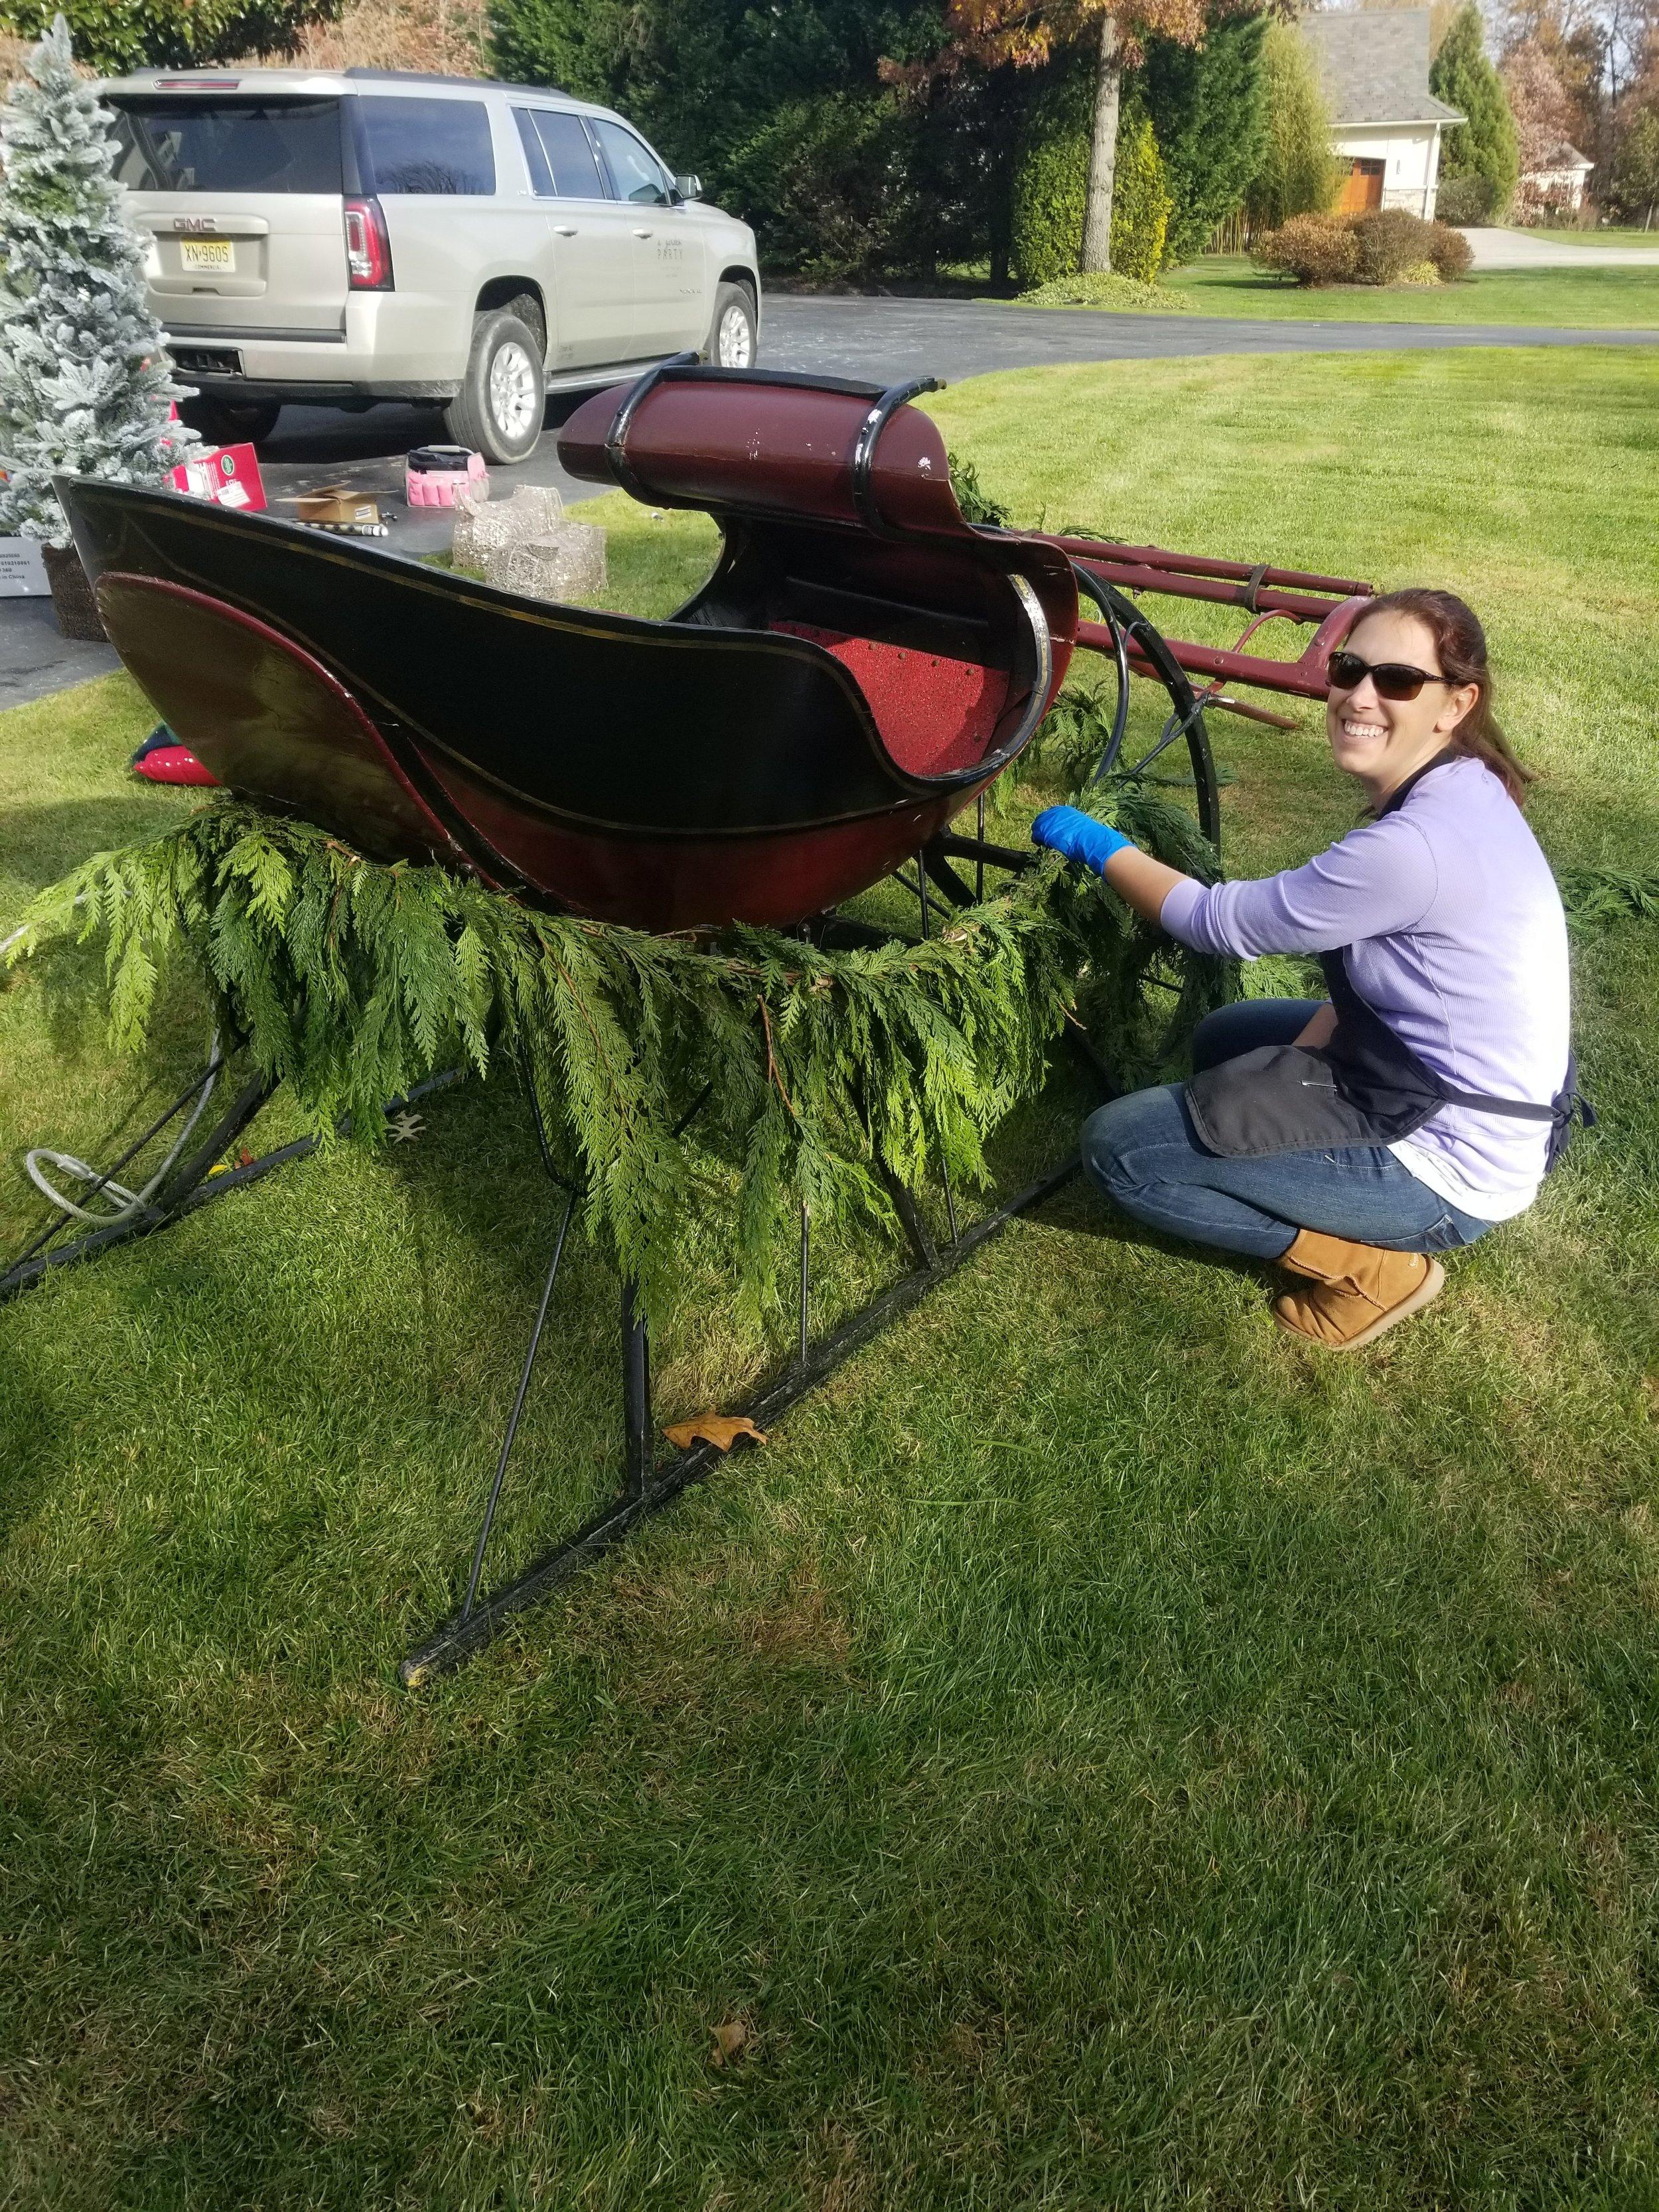 Ashley decorating sleigh